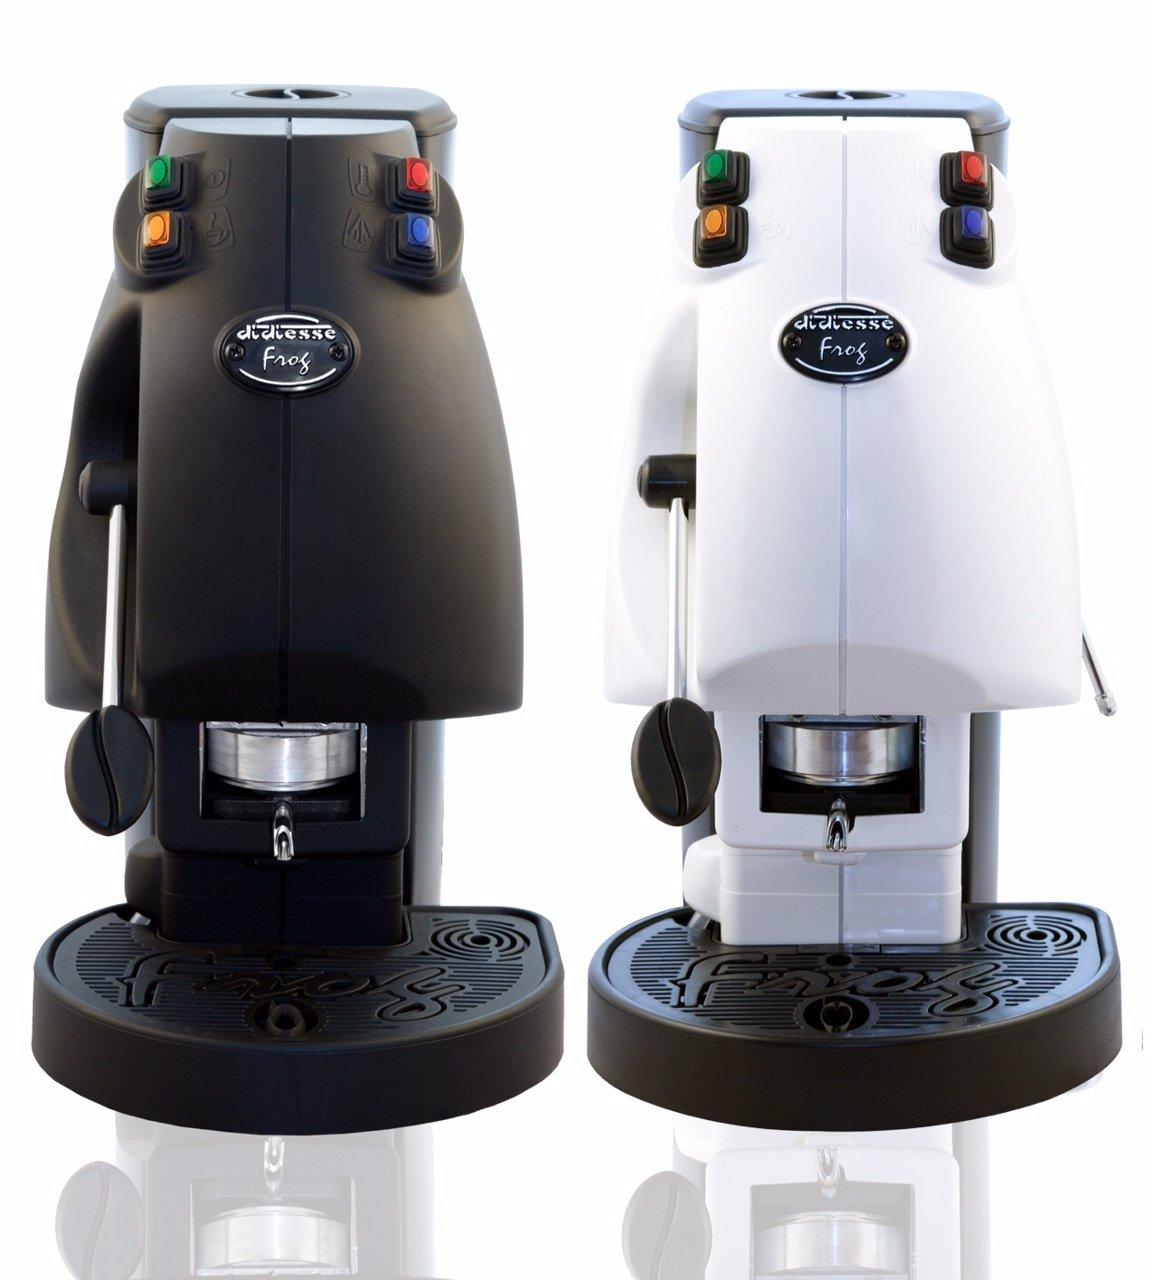 macchintta caffè 4